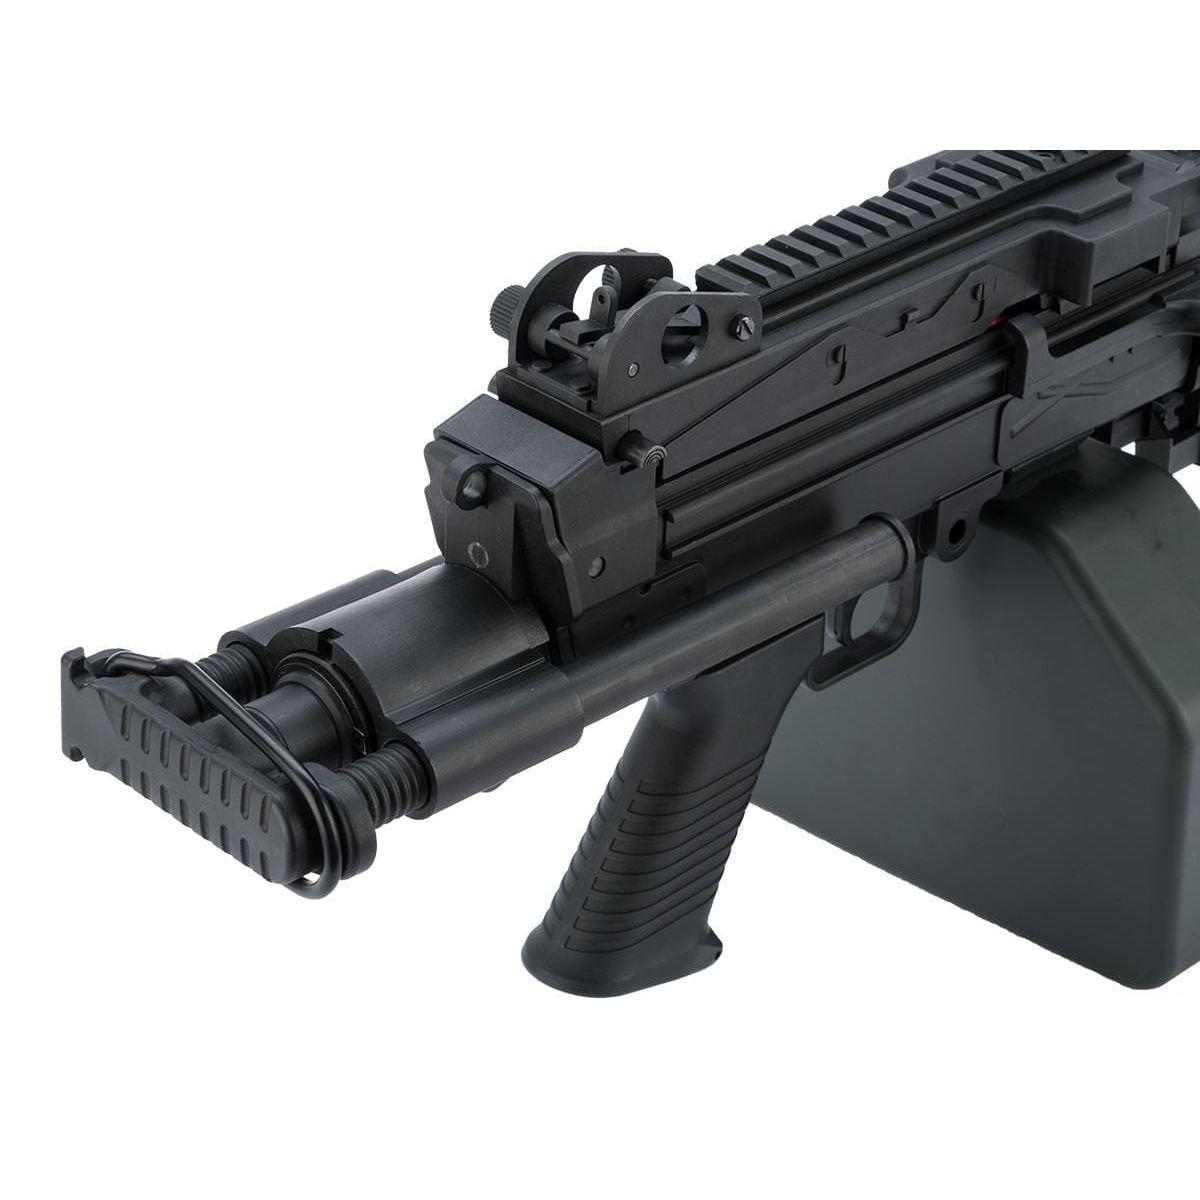 herstal cybergun machine gun airsoft